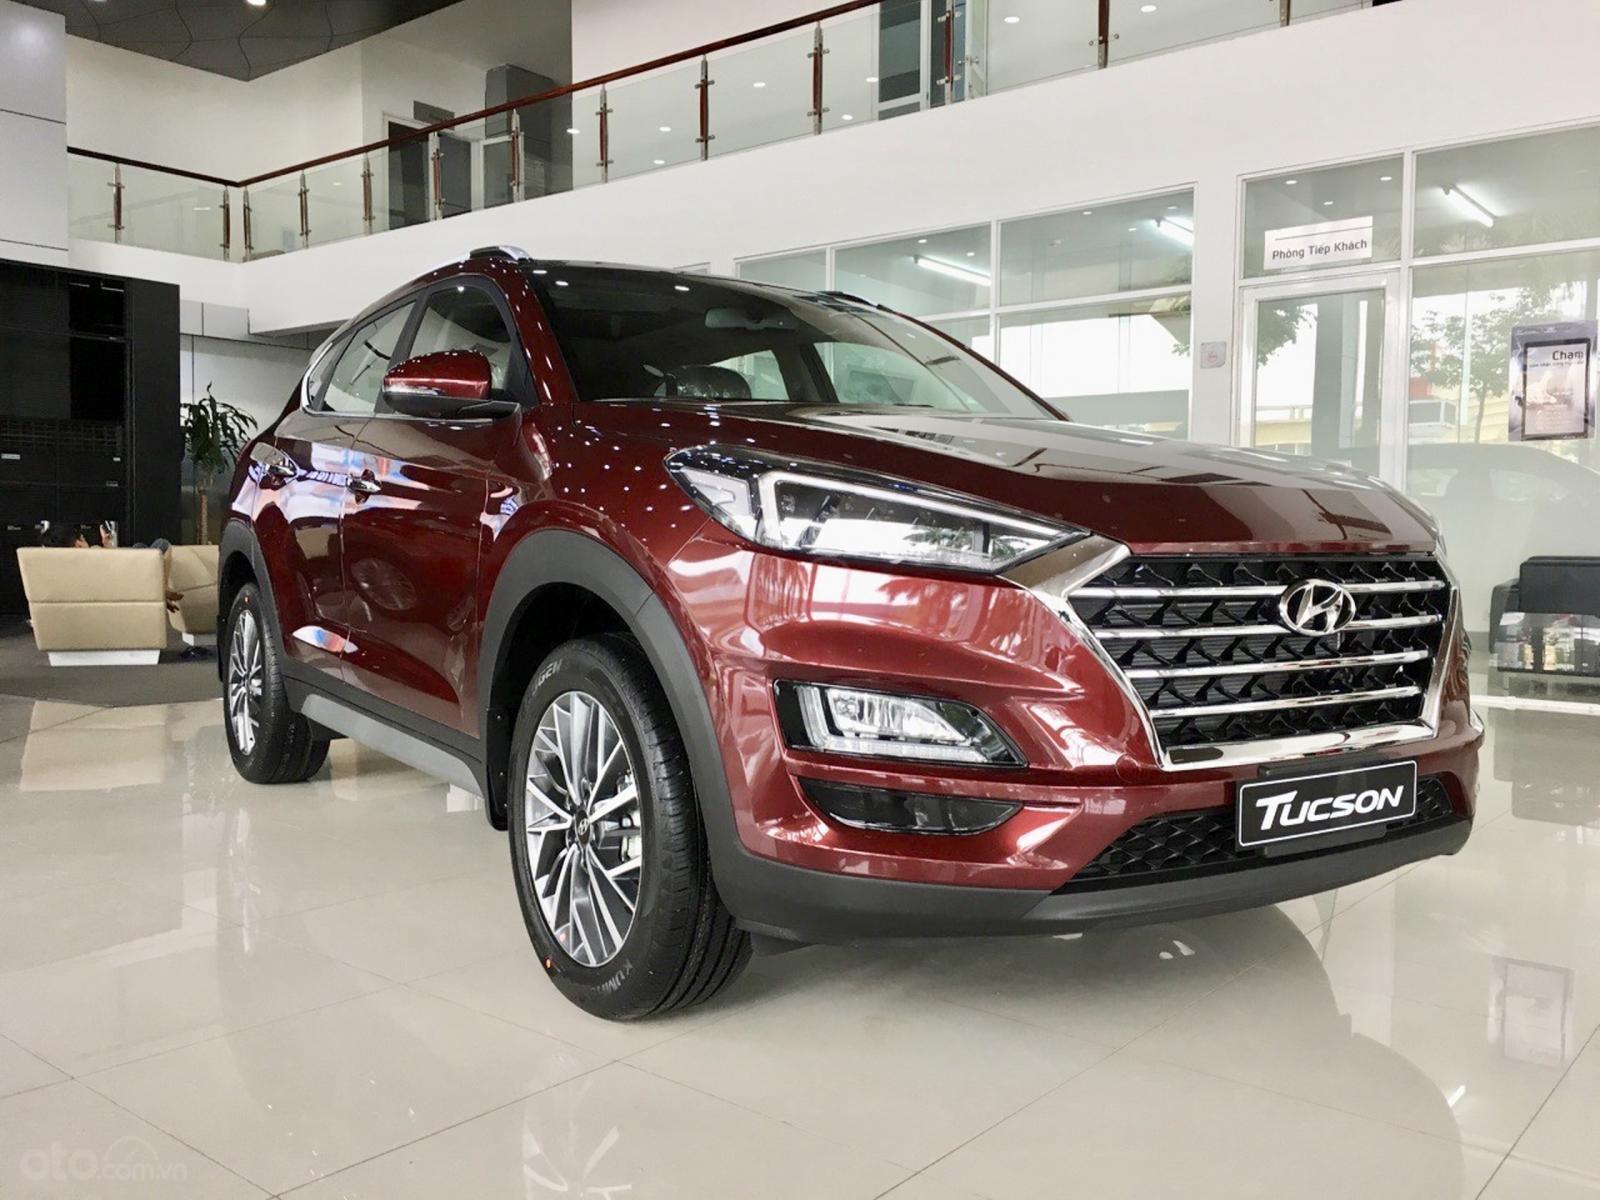 Hyundai Tucson 2.0 xăng đặc biệt 2020, đủ phiên bản - đủ màu, ưu đãi lớn tháng 11, hỗ trợ trả góp tới 85% giá trị xe (1)